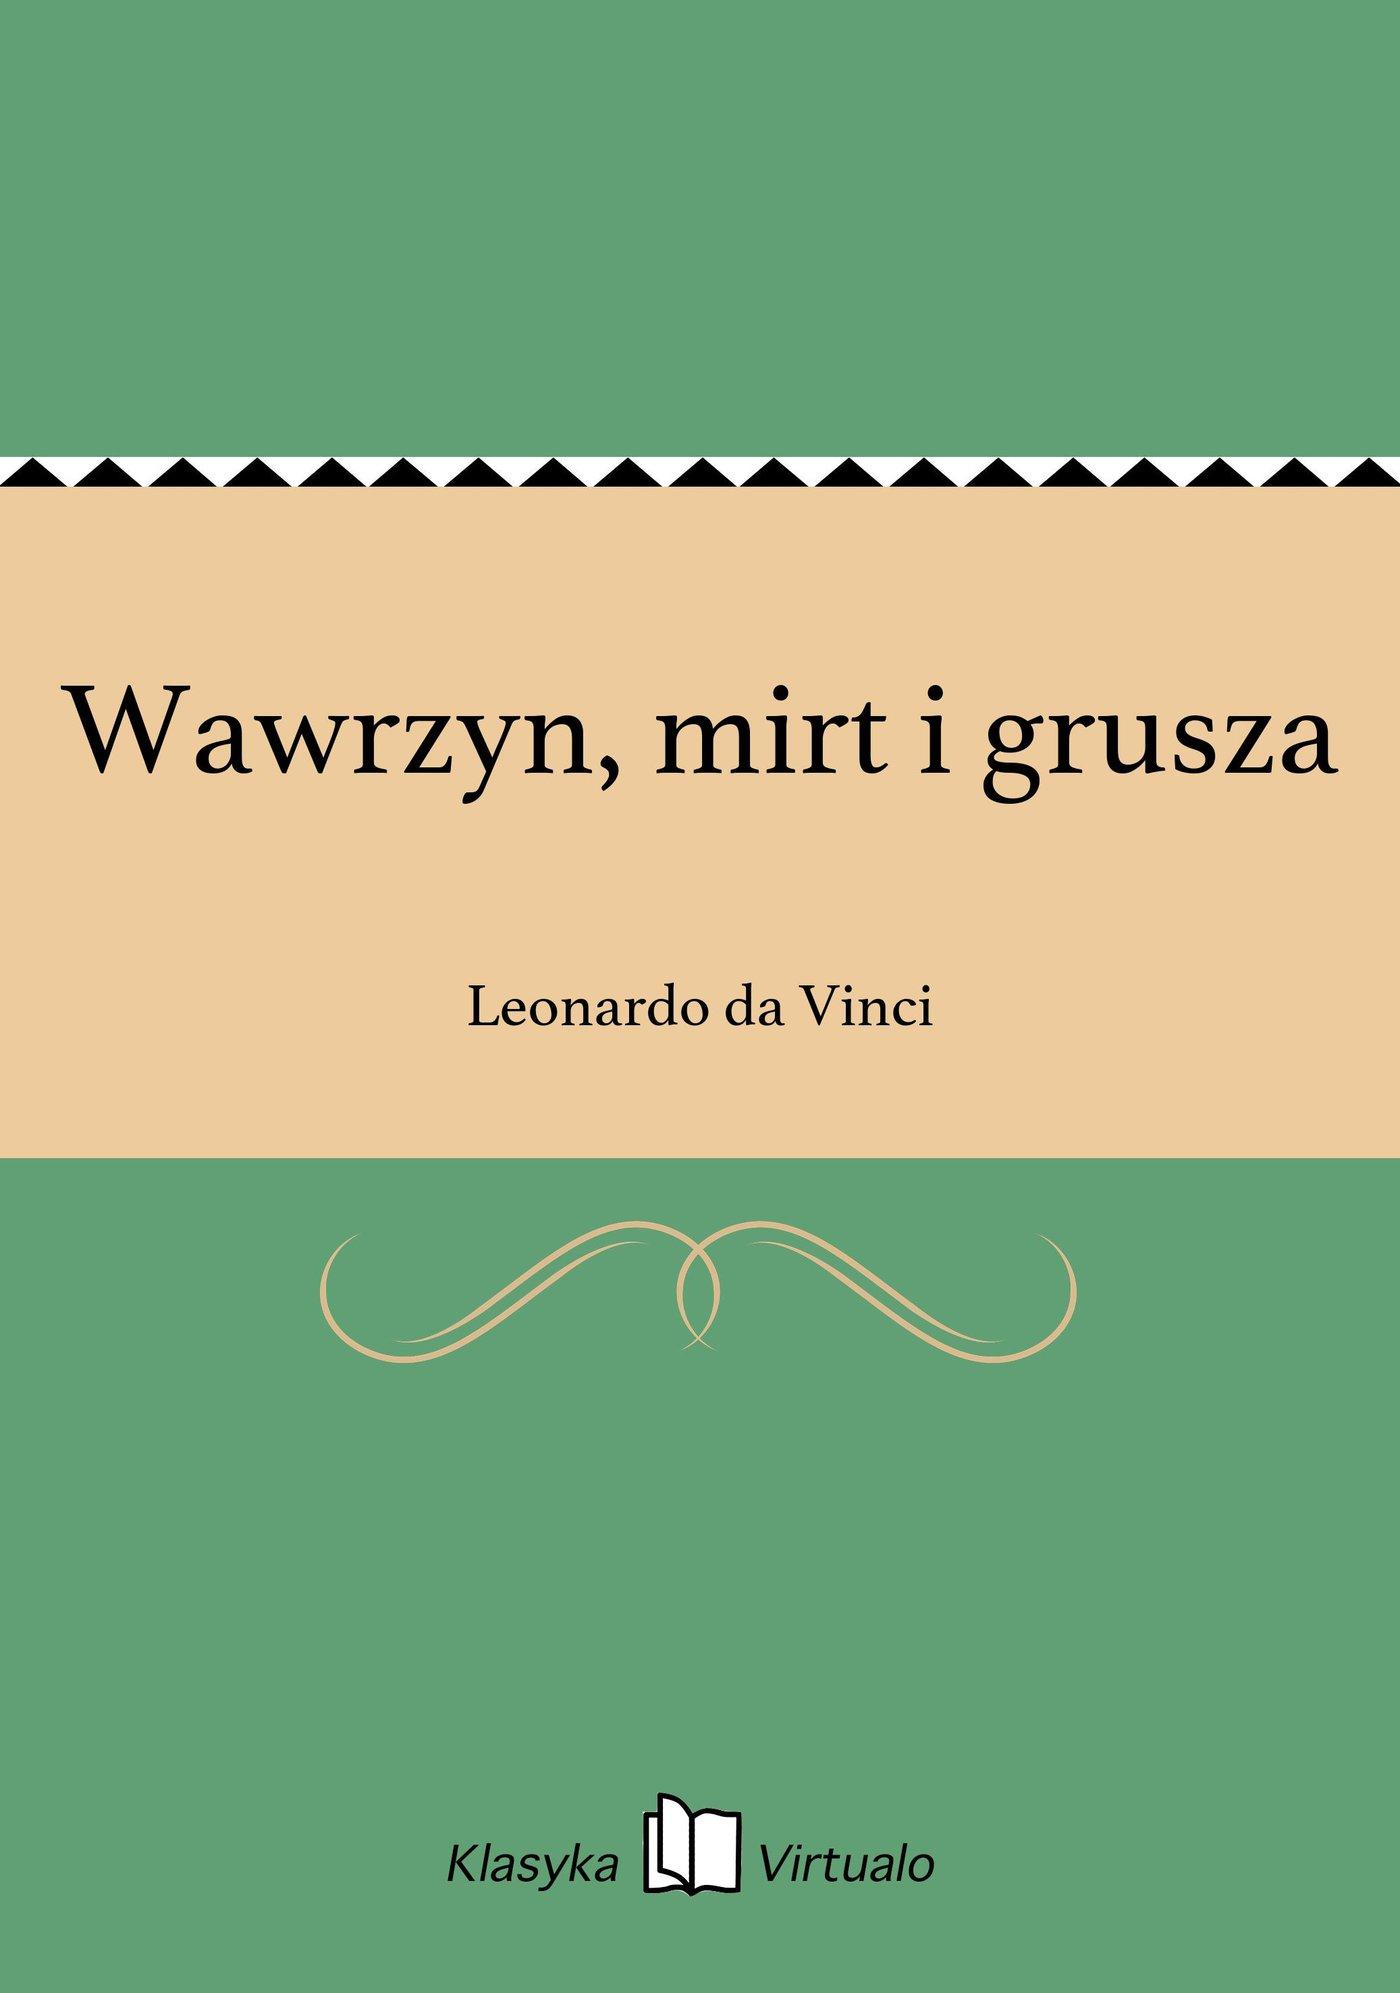 Wawrzyn, mirt i grusza - Ebook (Książka EPUB) do pobrania w formacie EPUB